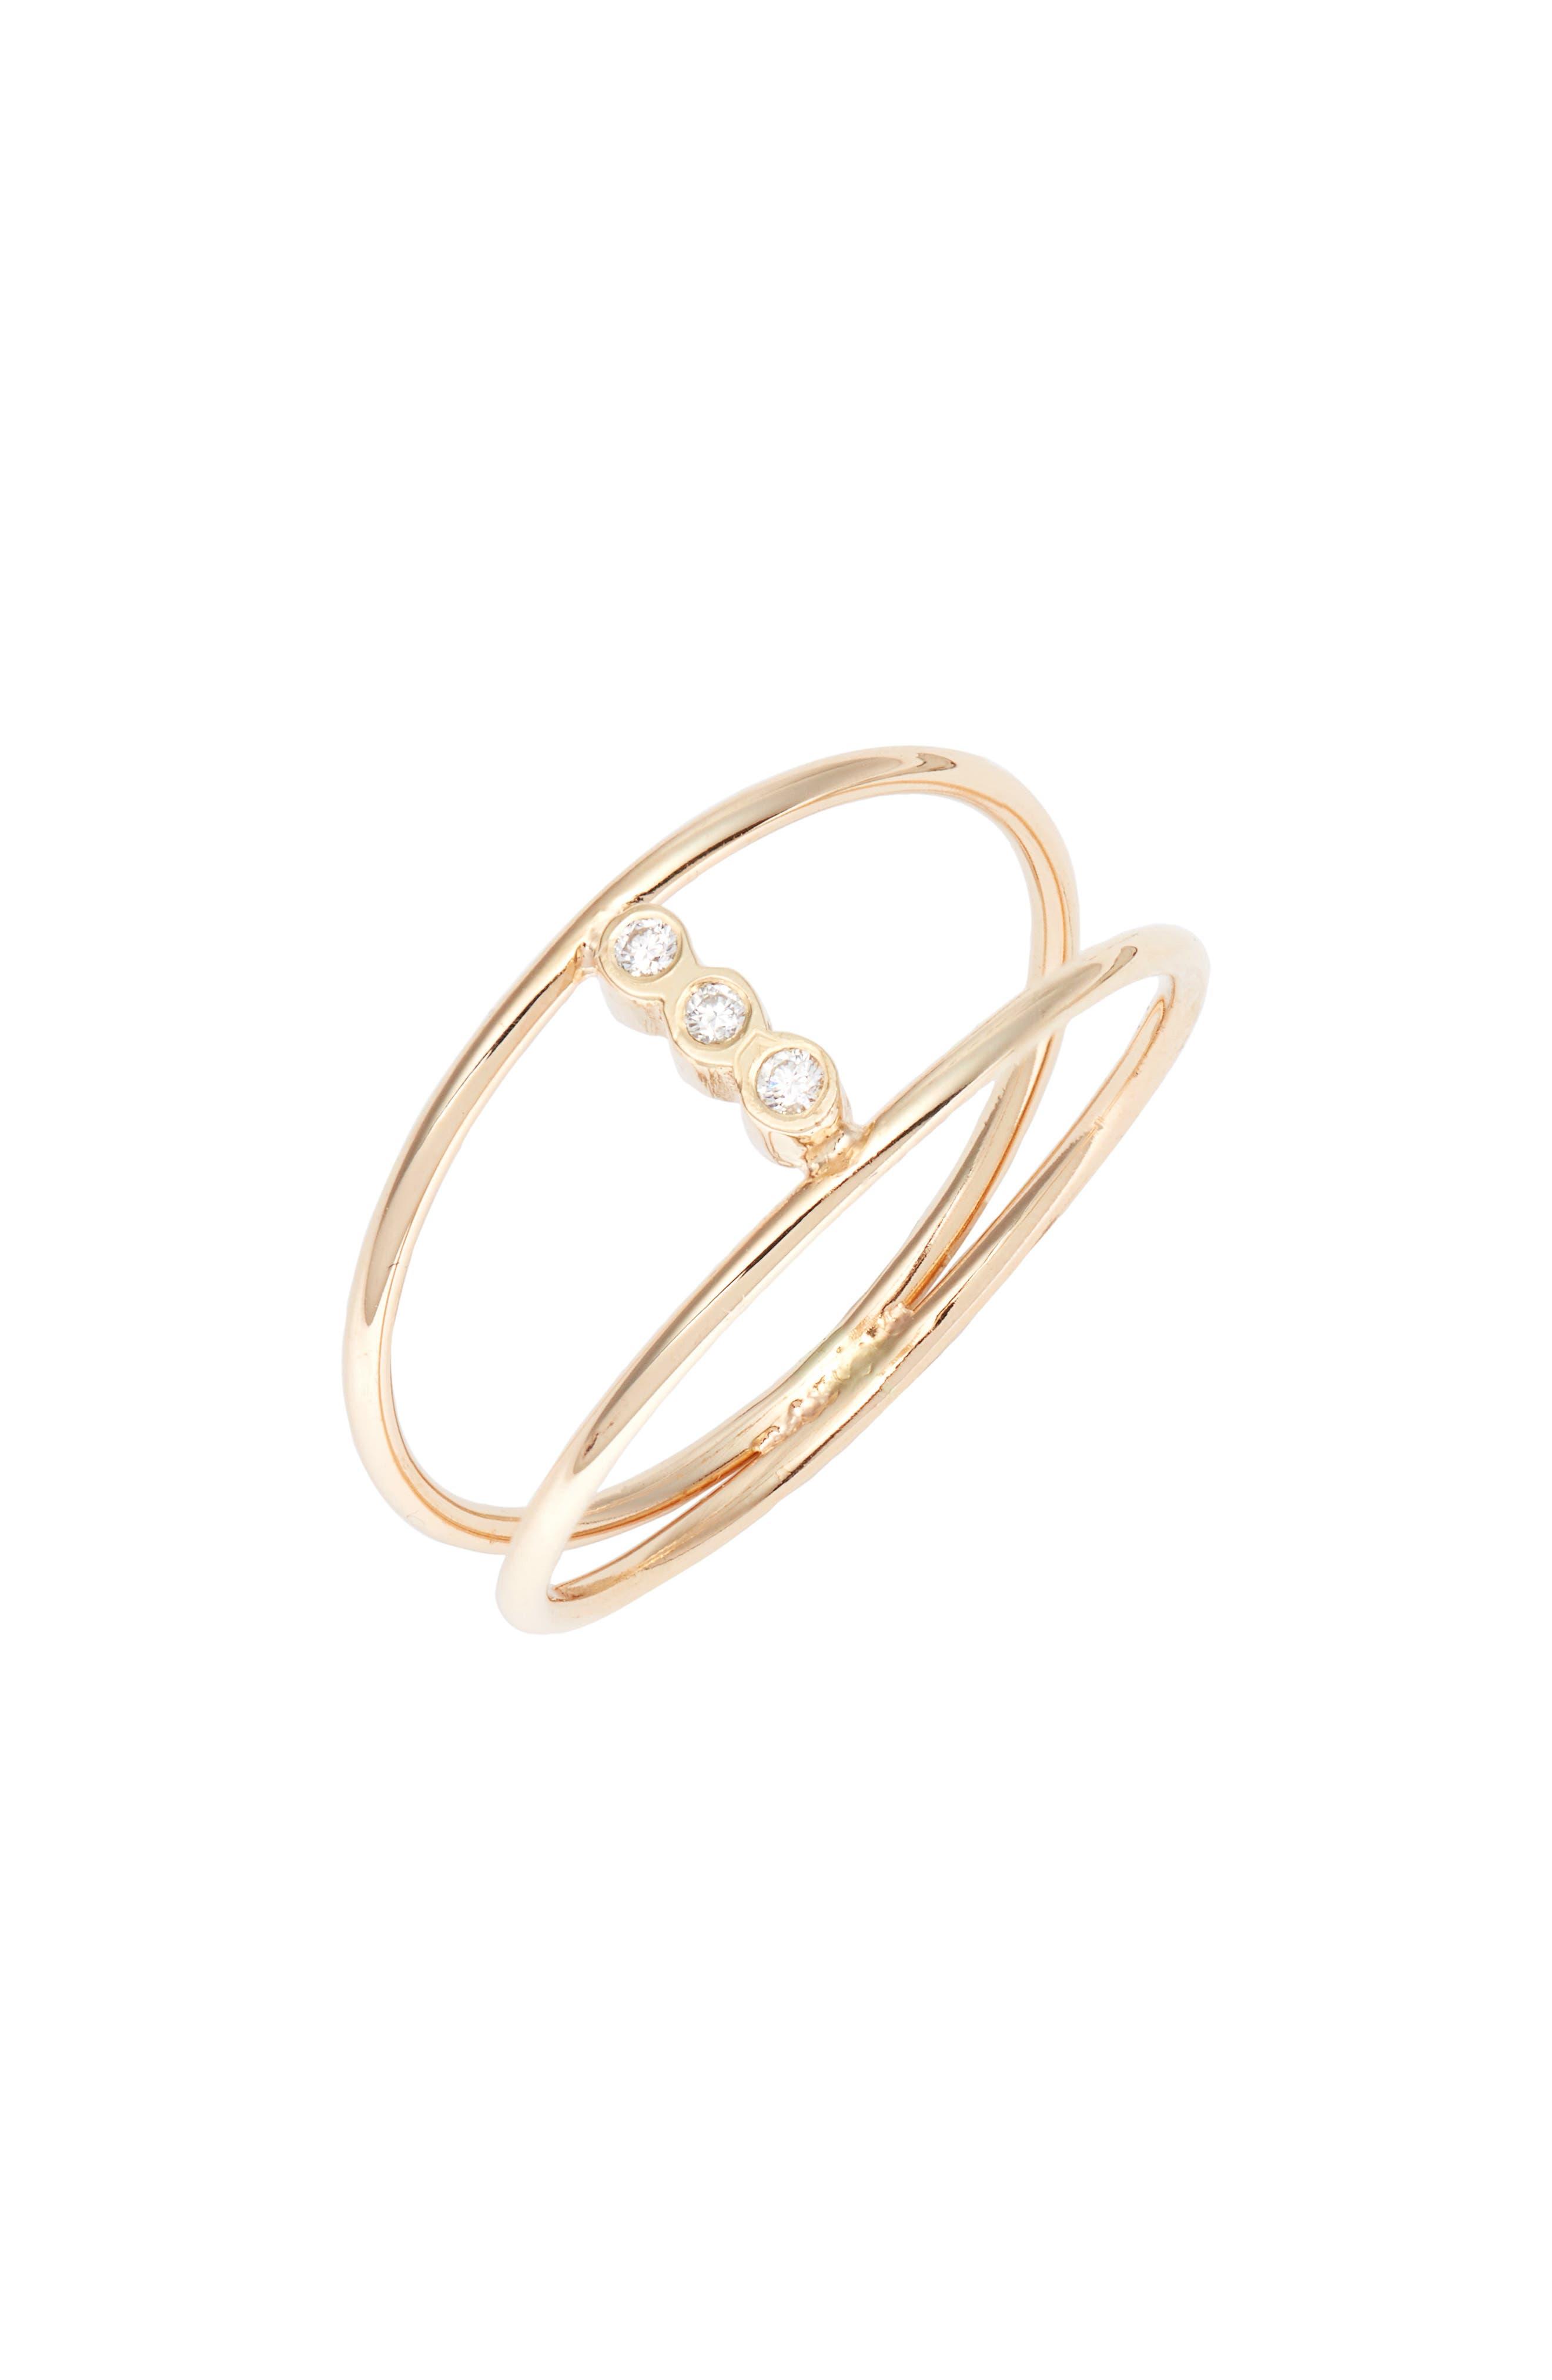 Zoe Chicco Diamond Openwork Ring